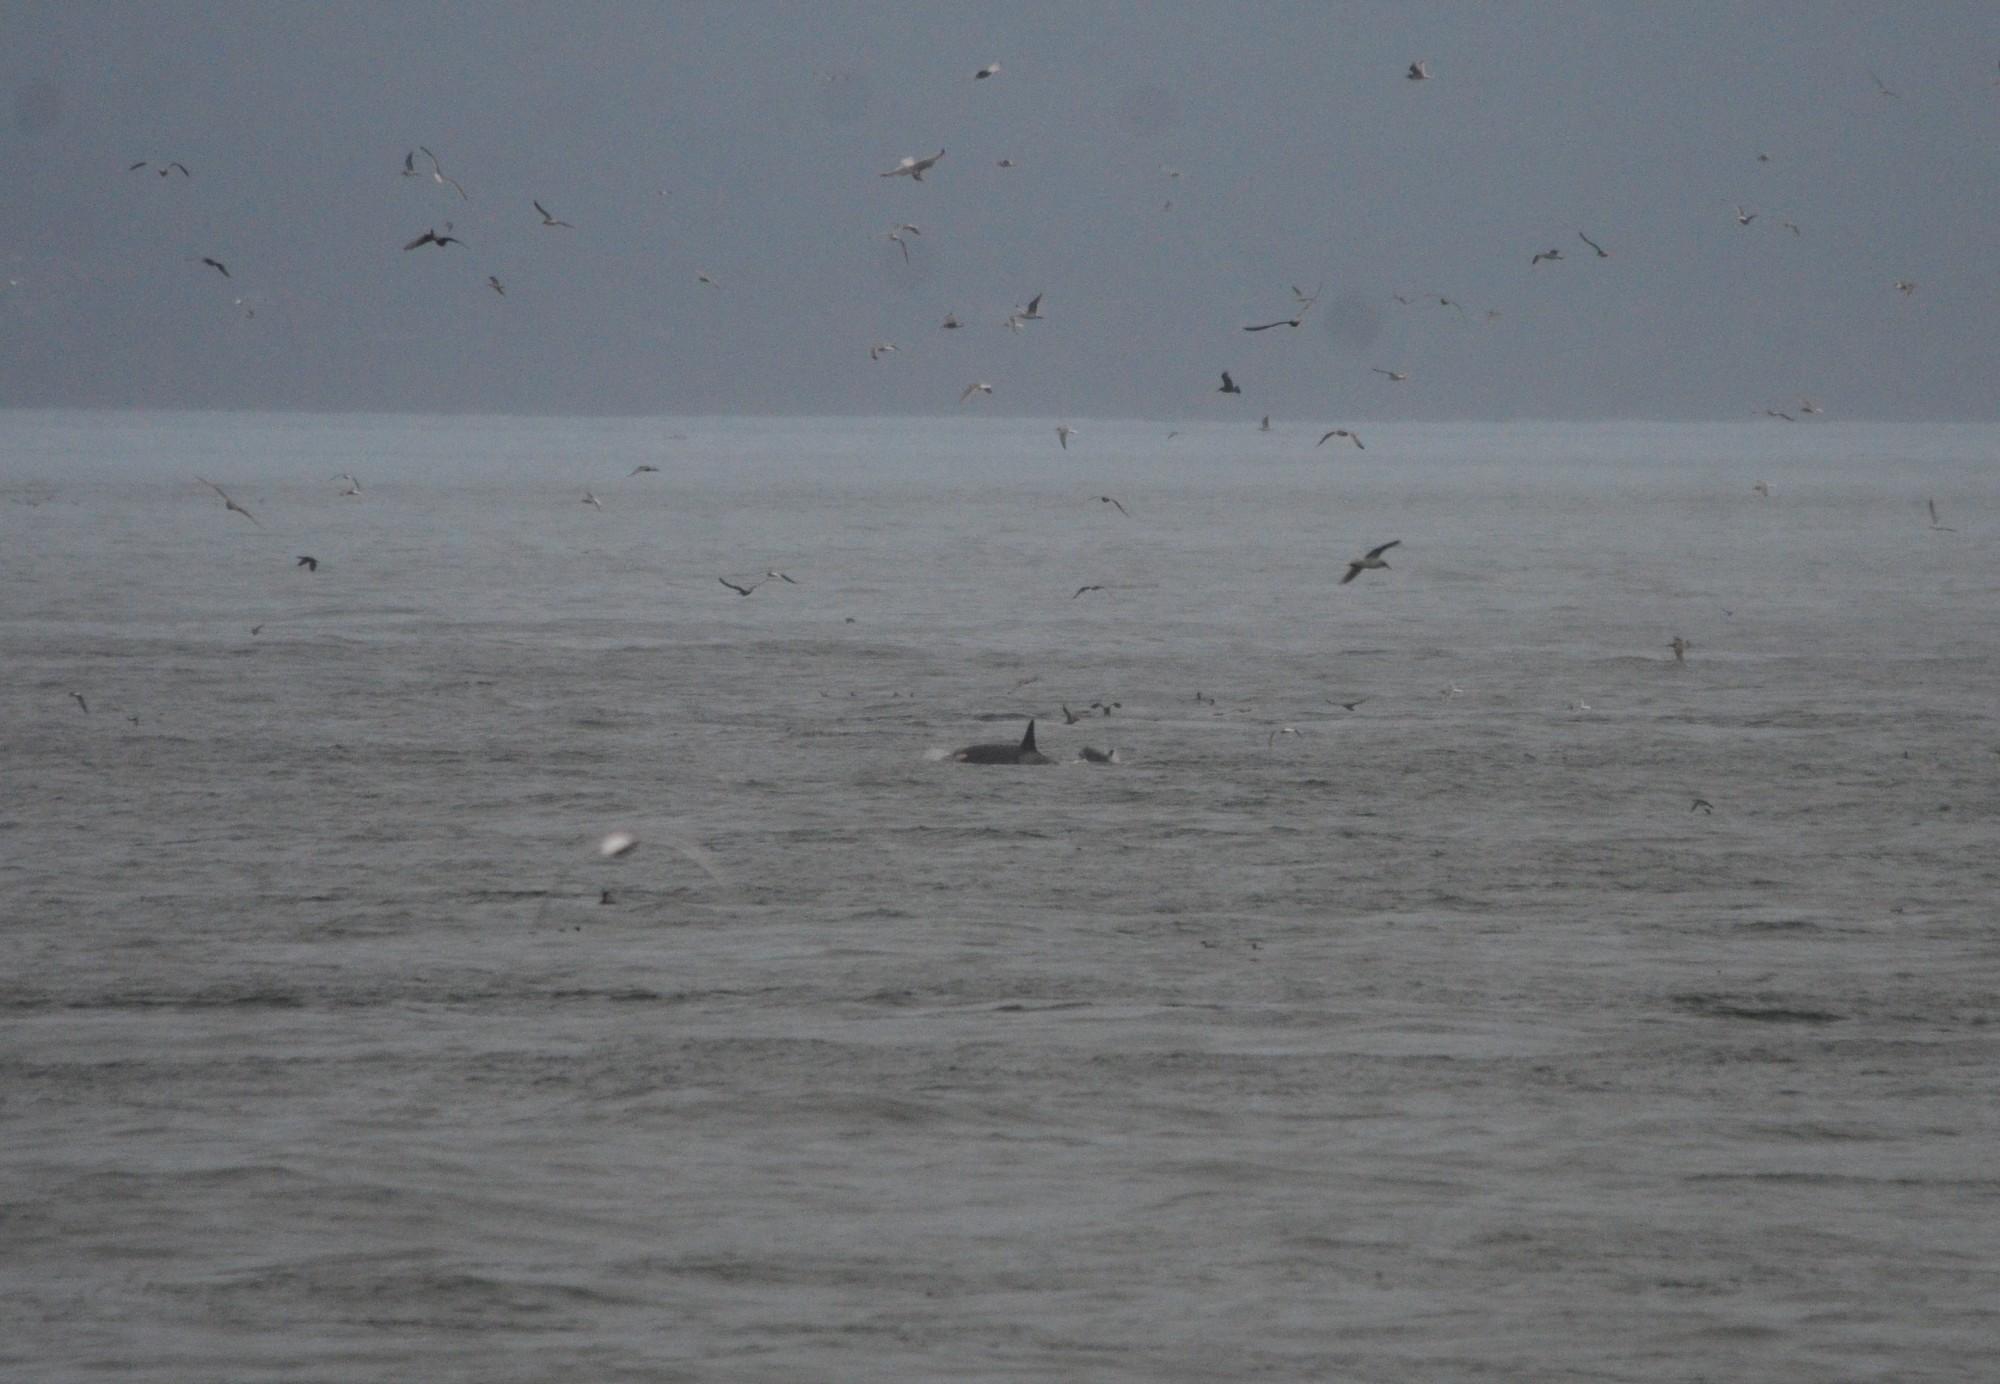 Female Orca and calf